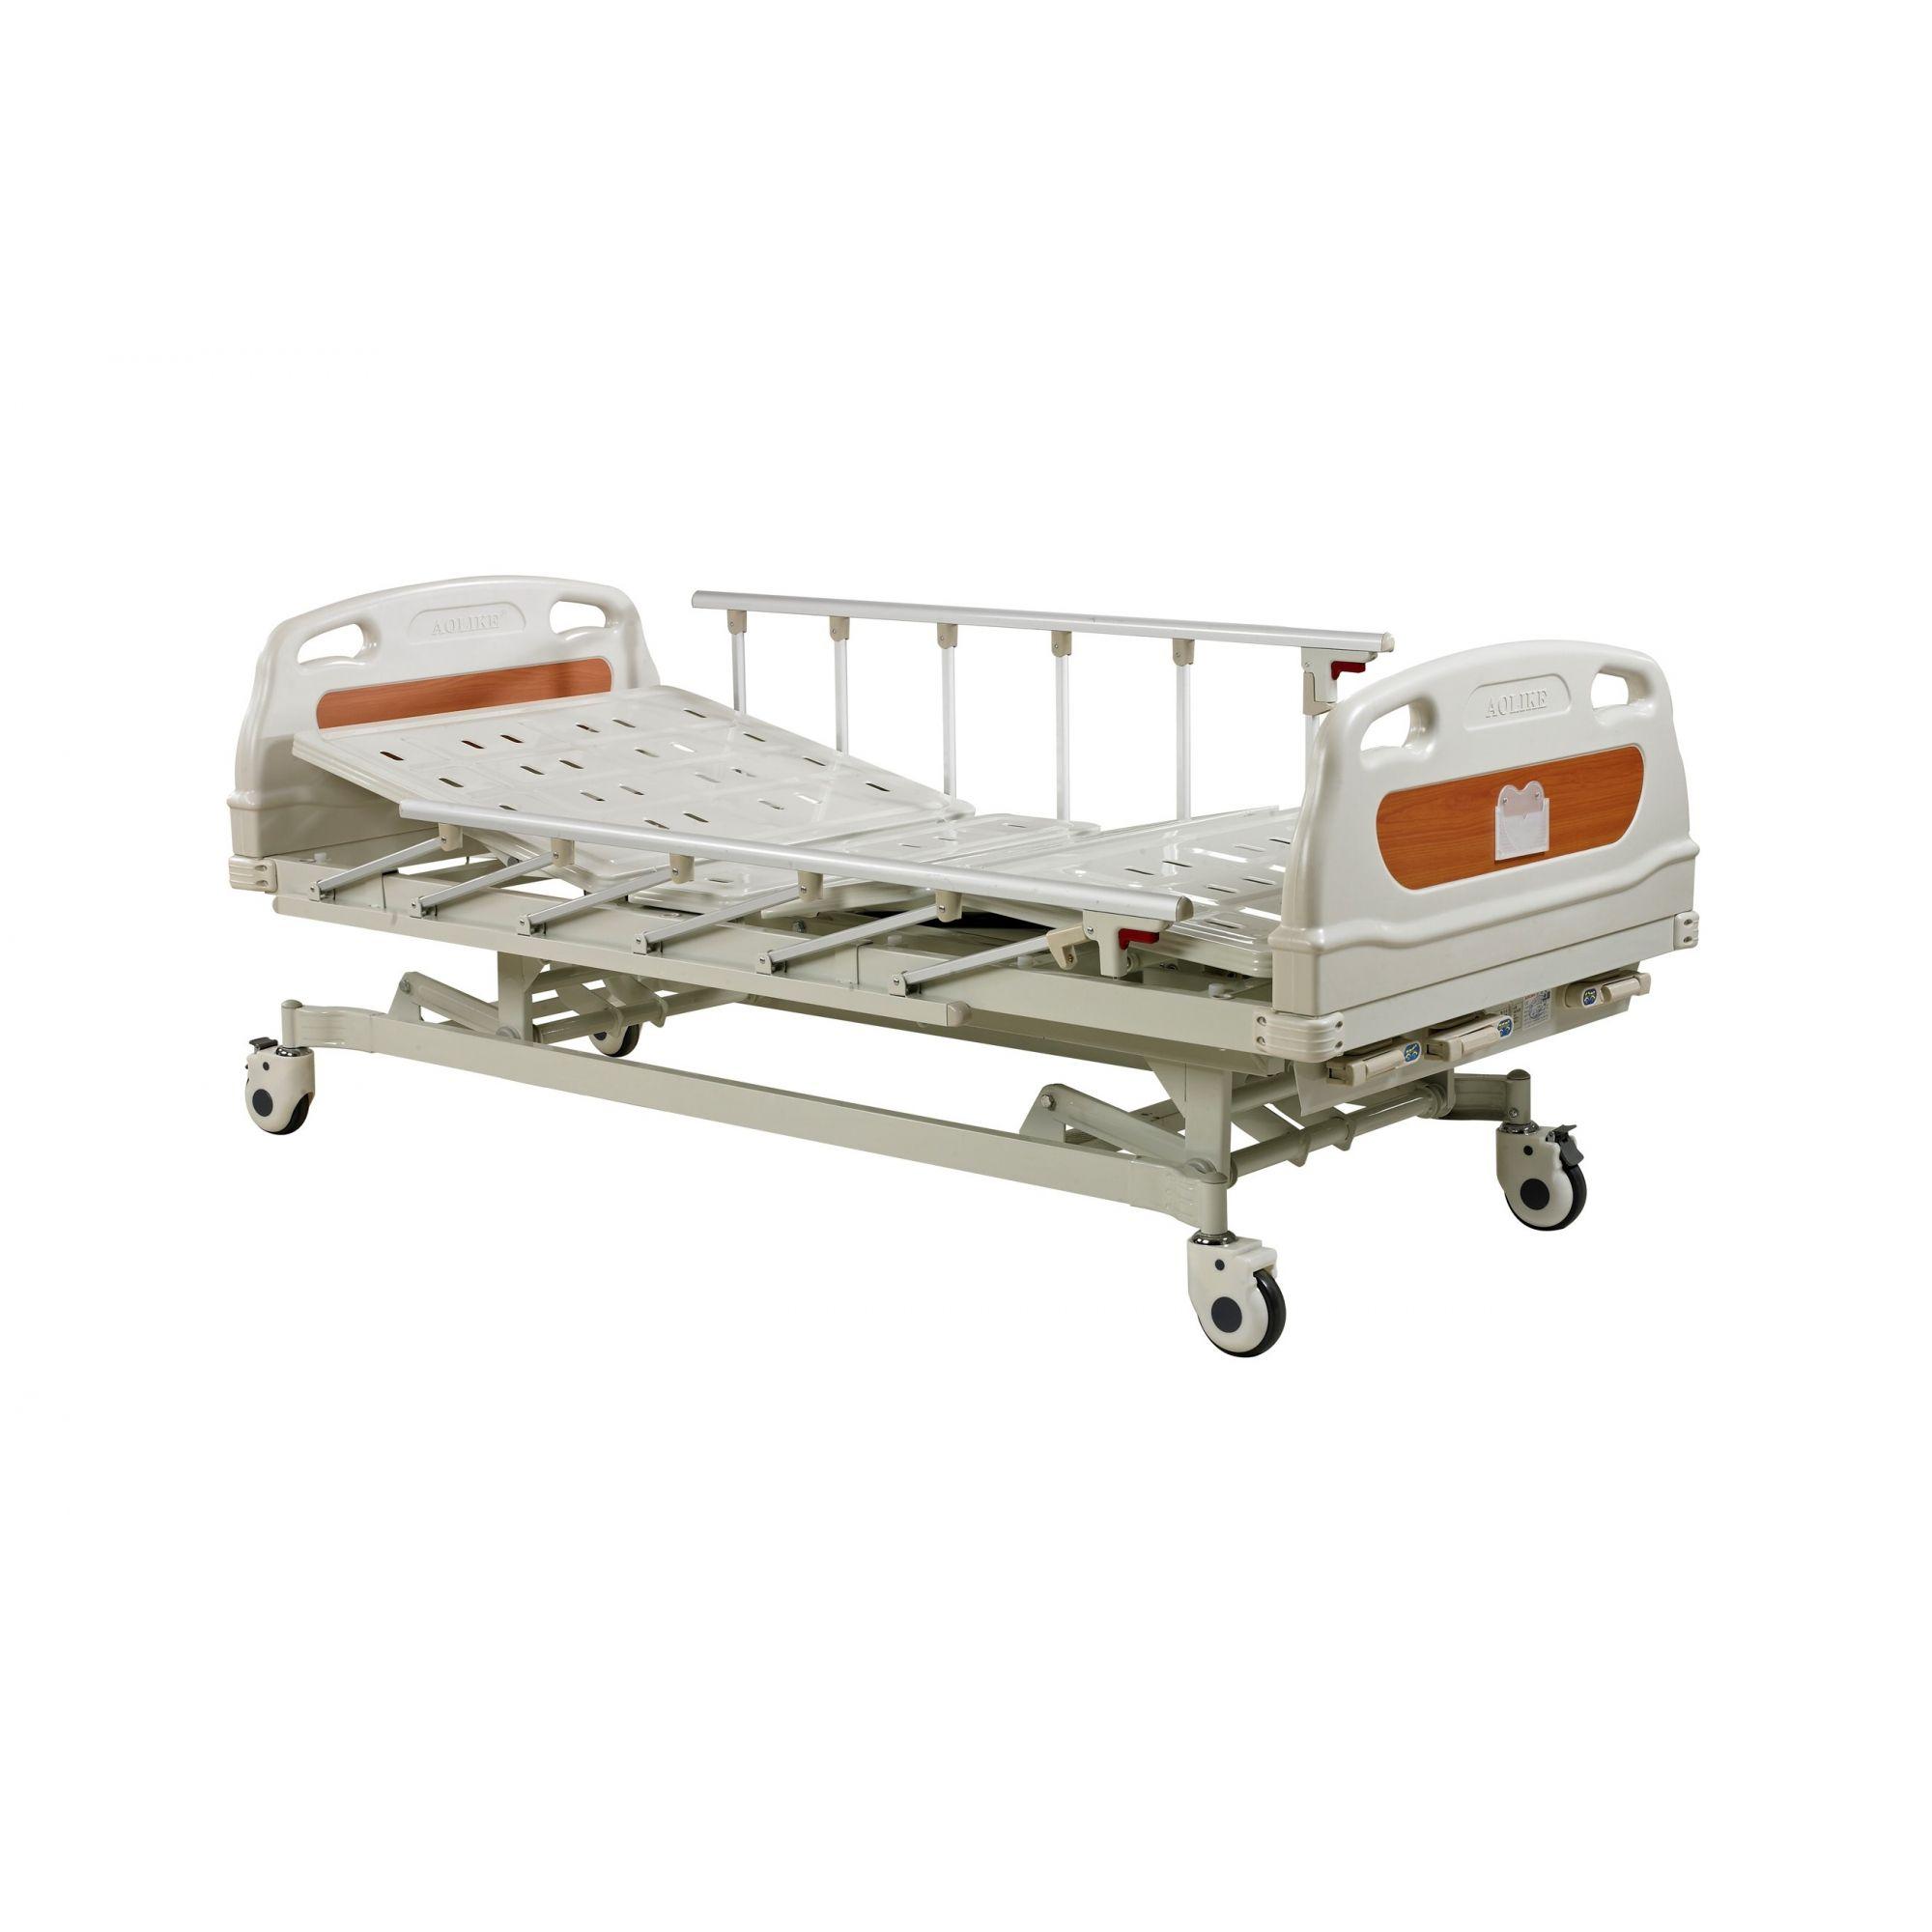 Cama Hospitalar Manual 3 movimentos ALK06 A328P